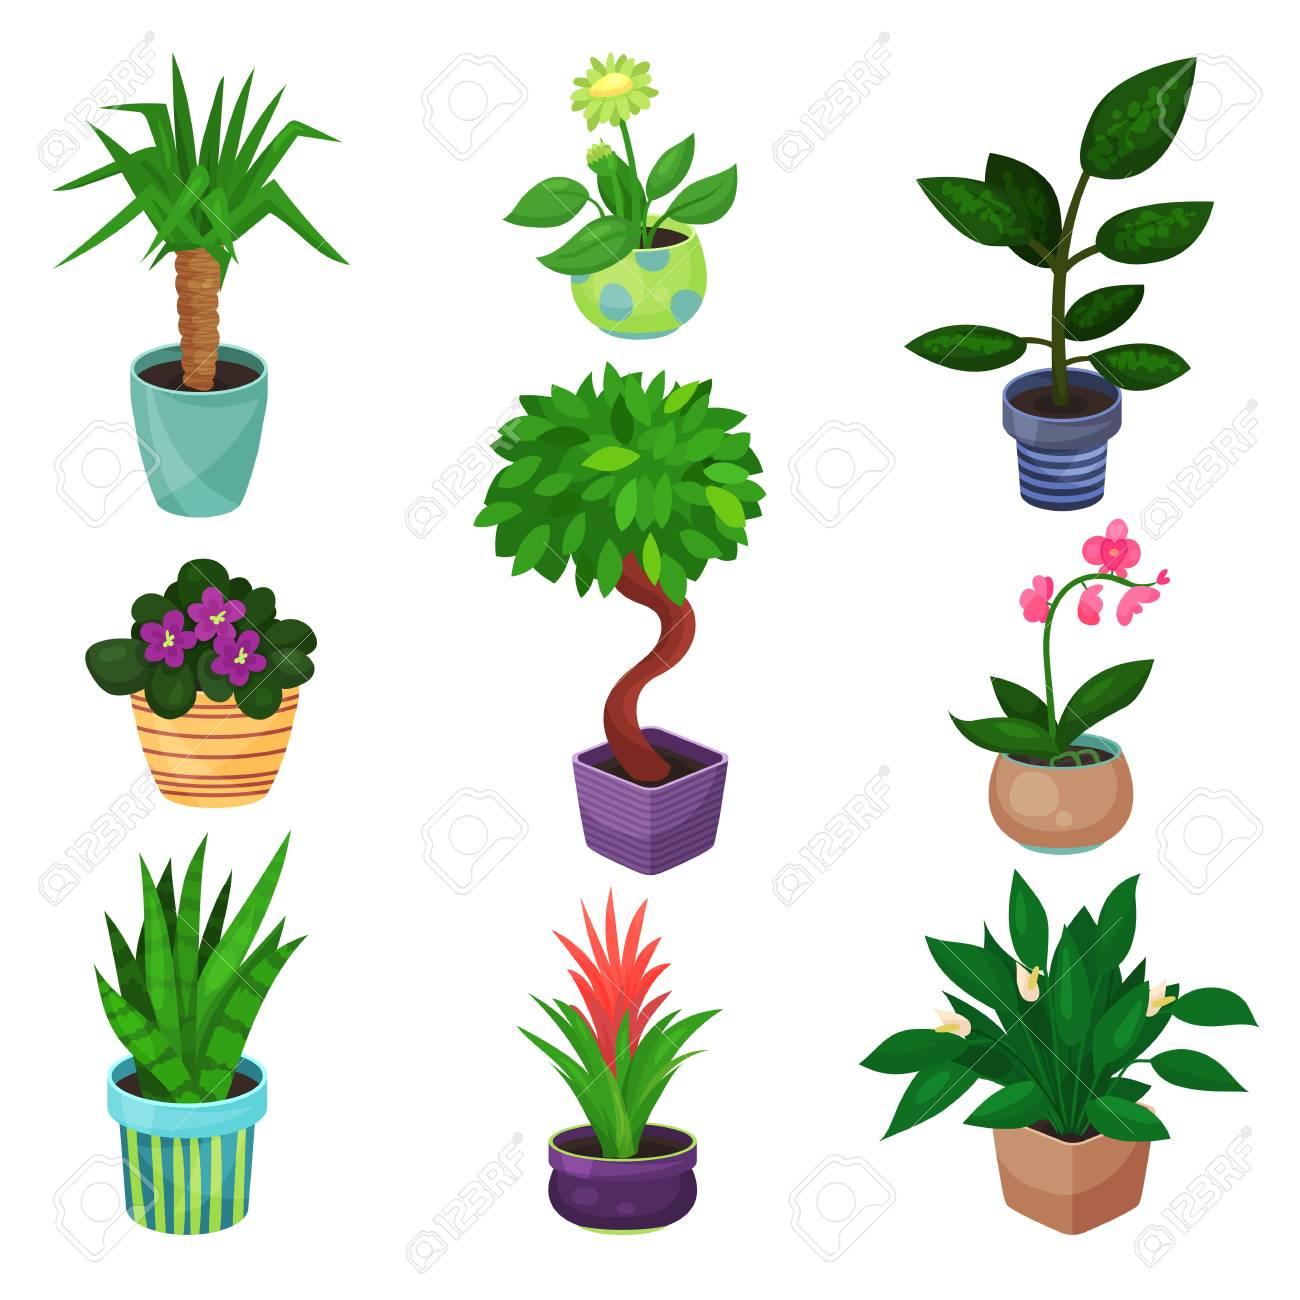 観葉植物セット植物および花のベクトル イラストのイラスト素材